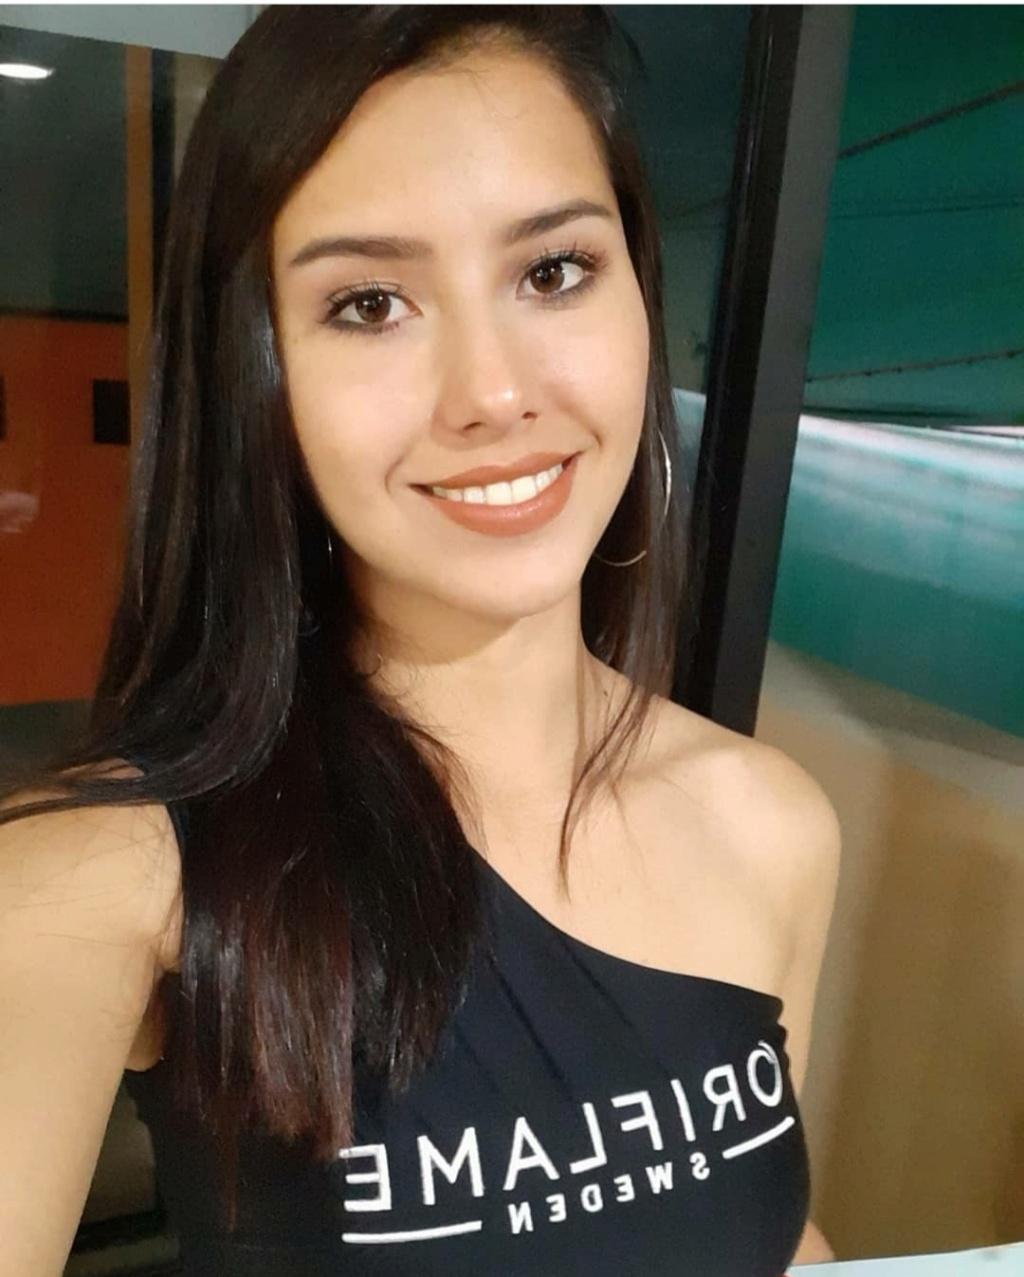 DEBATE sobre belleza, guapura y hermosura (fotos de chicas latinas, mestizas, y de todo) - VOL II - Página 8 Img_1257